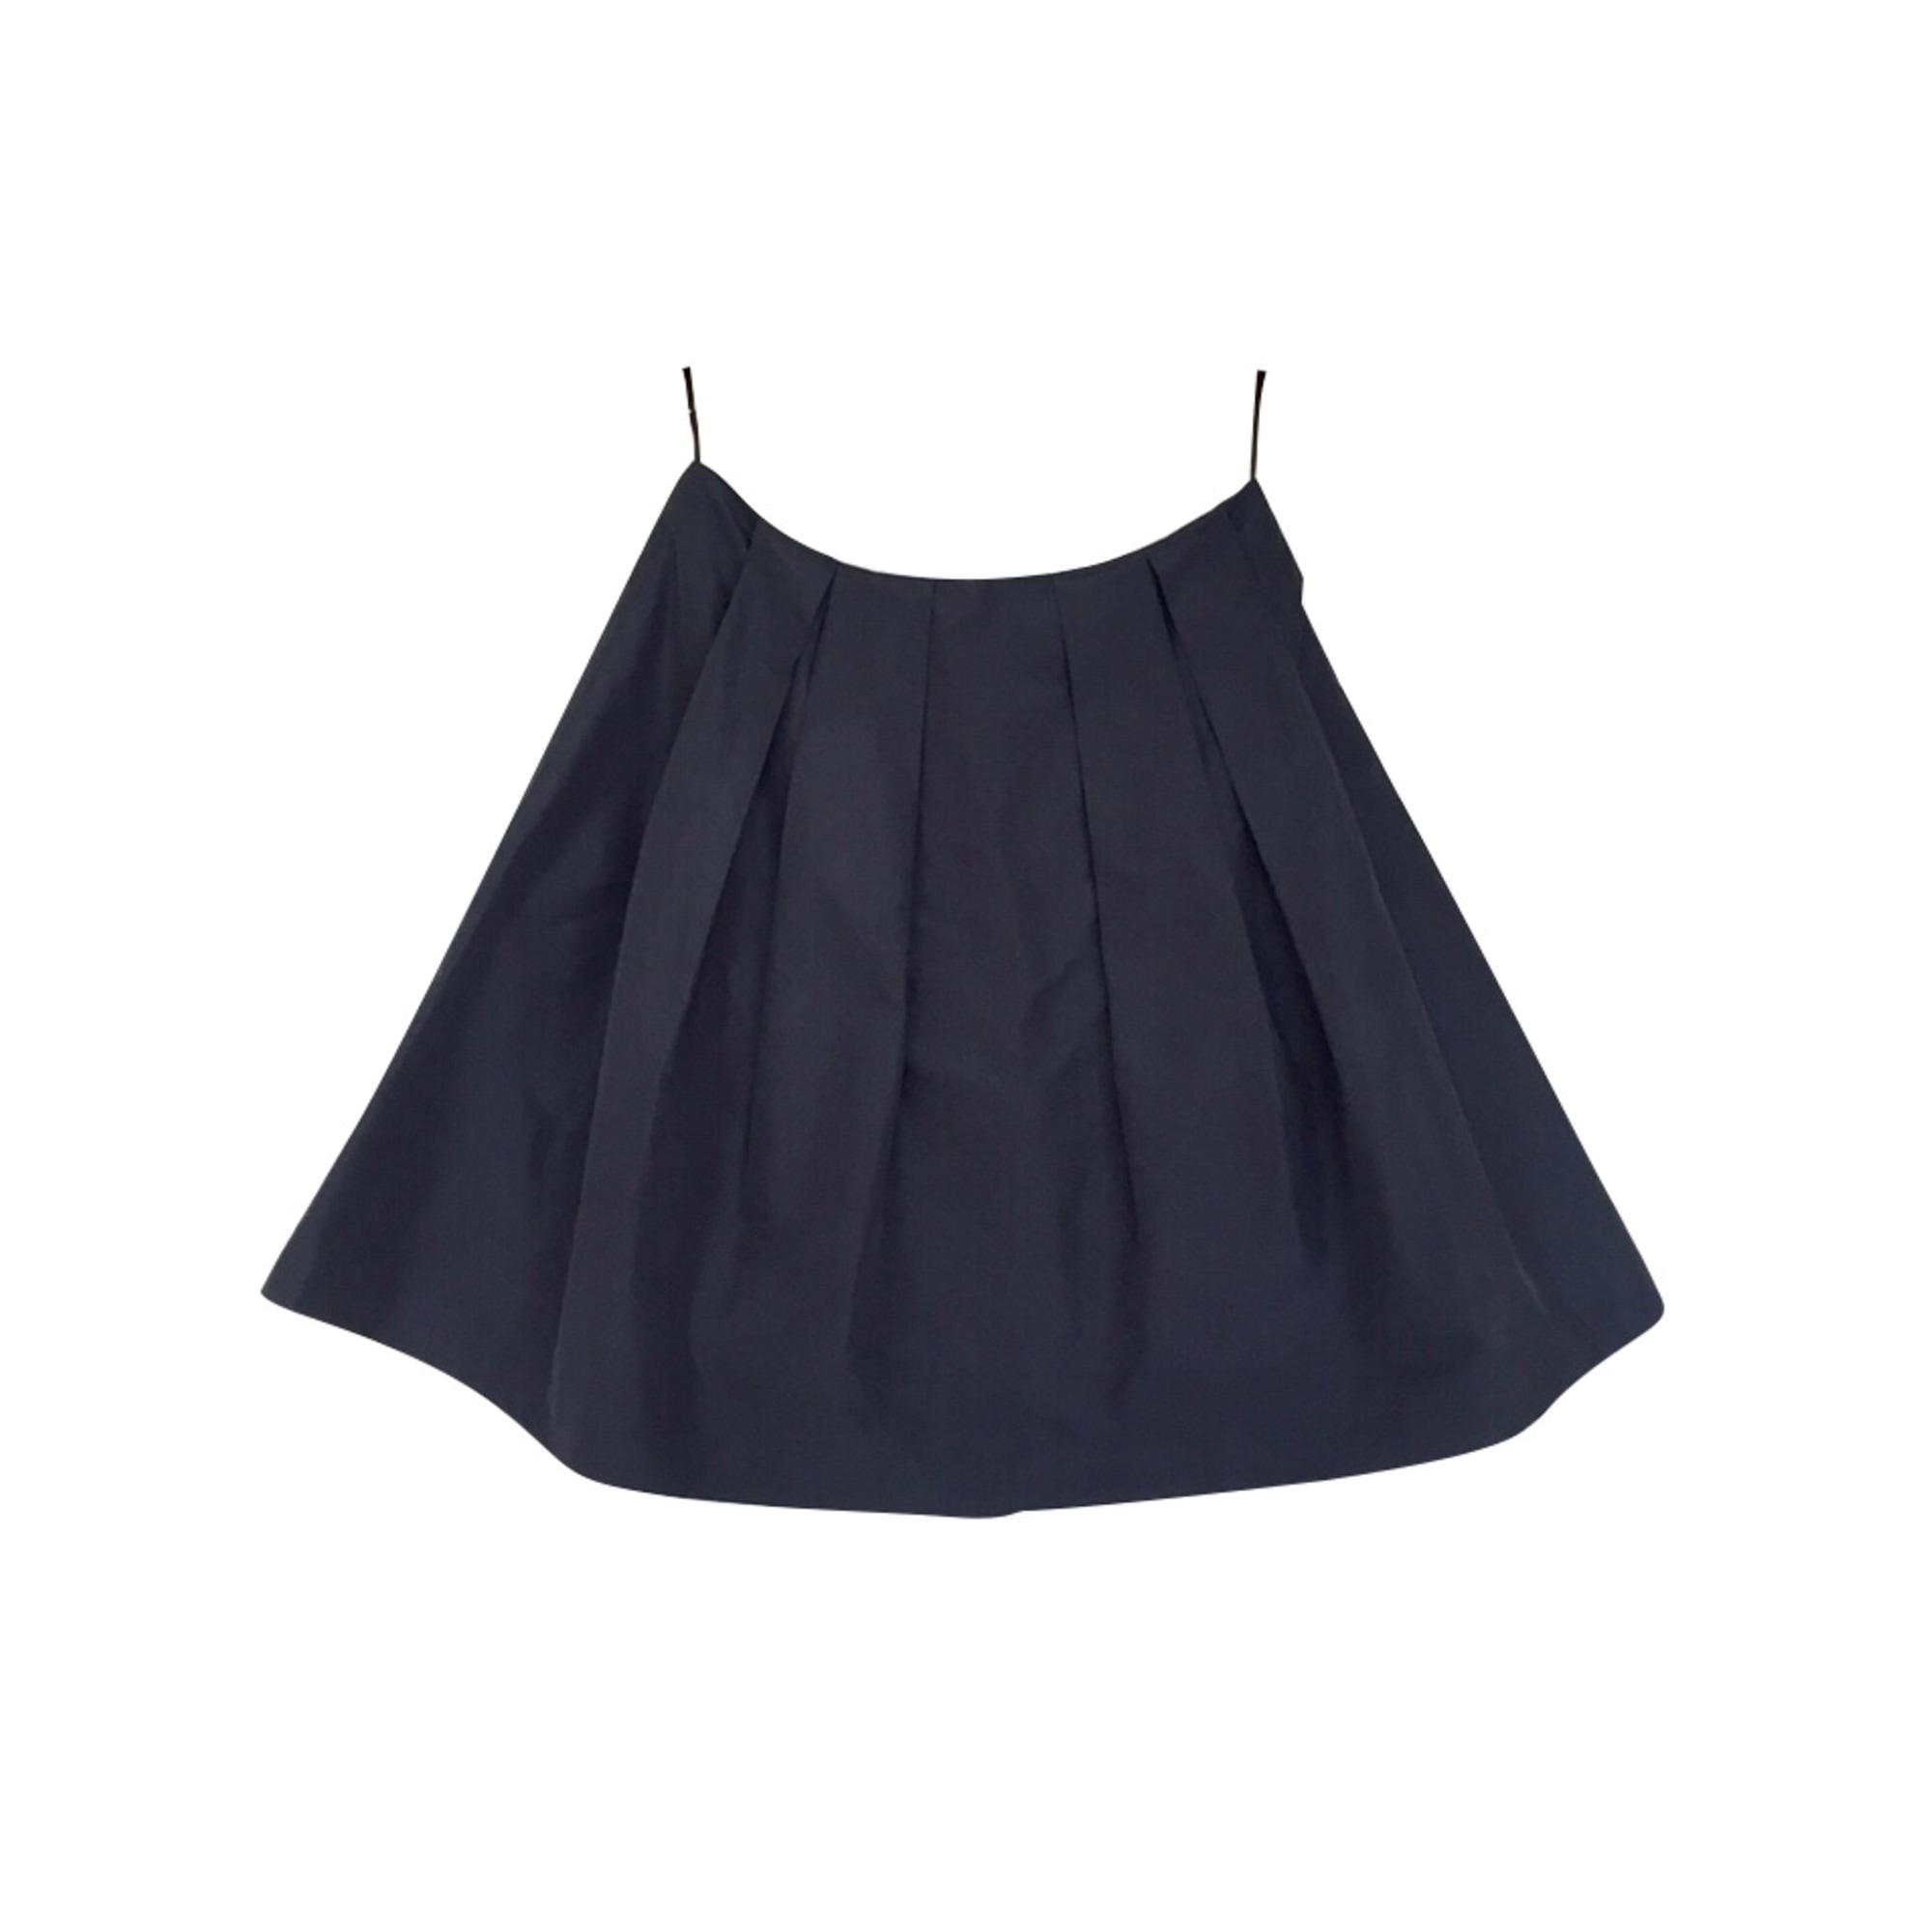 Jupe mi-longue MIU MIU Bleu, bleu marine, bleu turquoise